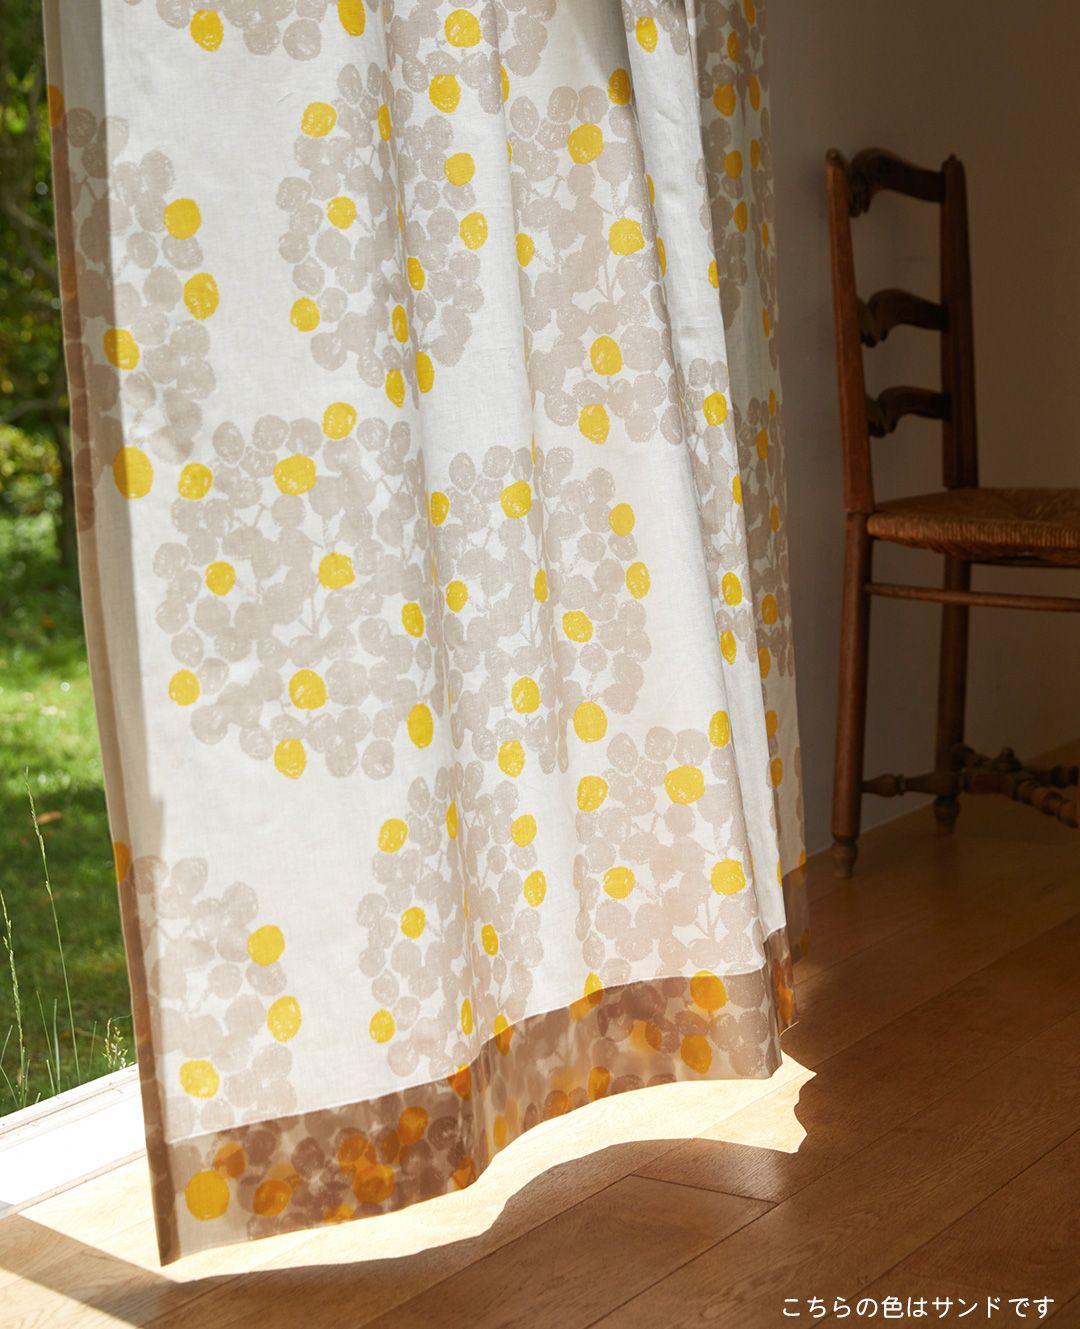 北欧カーテン 岡理恵子デザインのイラストのプリントカーテン カーテン フロート 既製サイズ2枚組カーテン カーテン通販専門店のカーテンズ カーテン 北欧 カーテン カーテン リビング おしゃれ